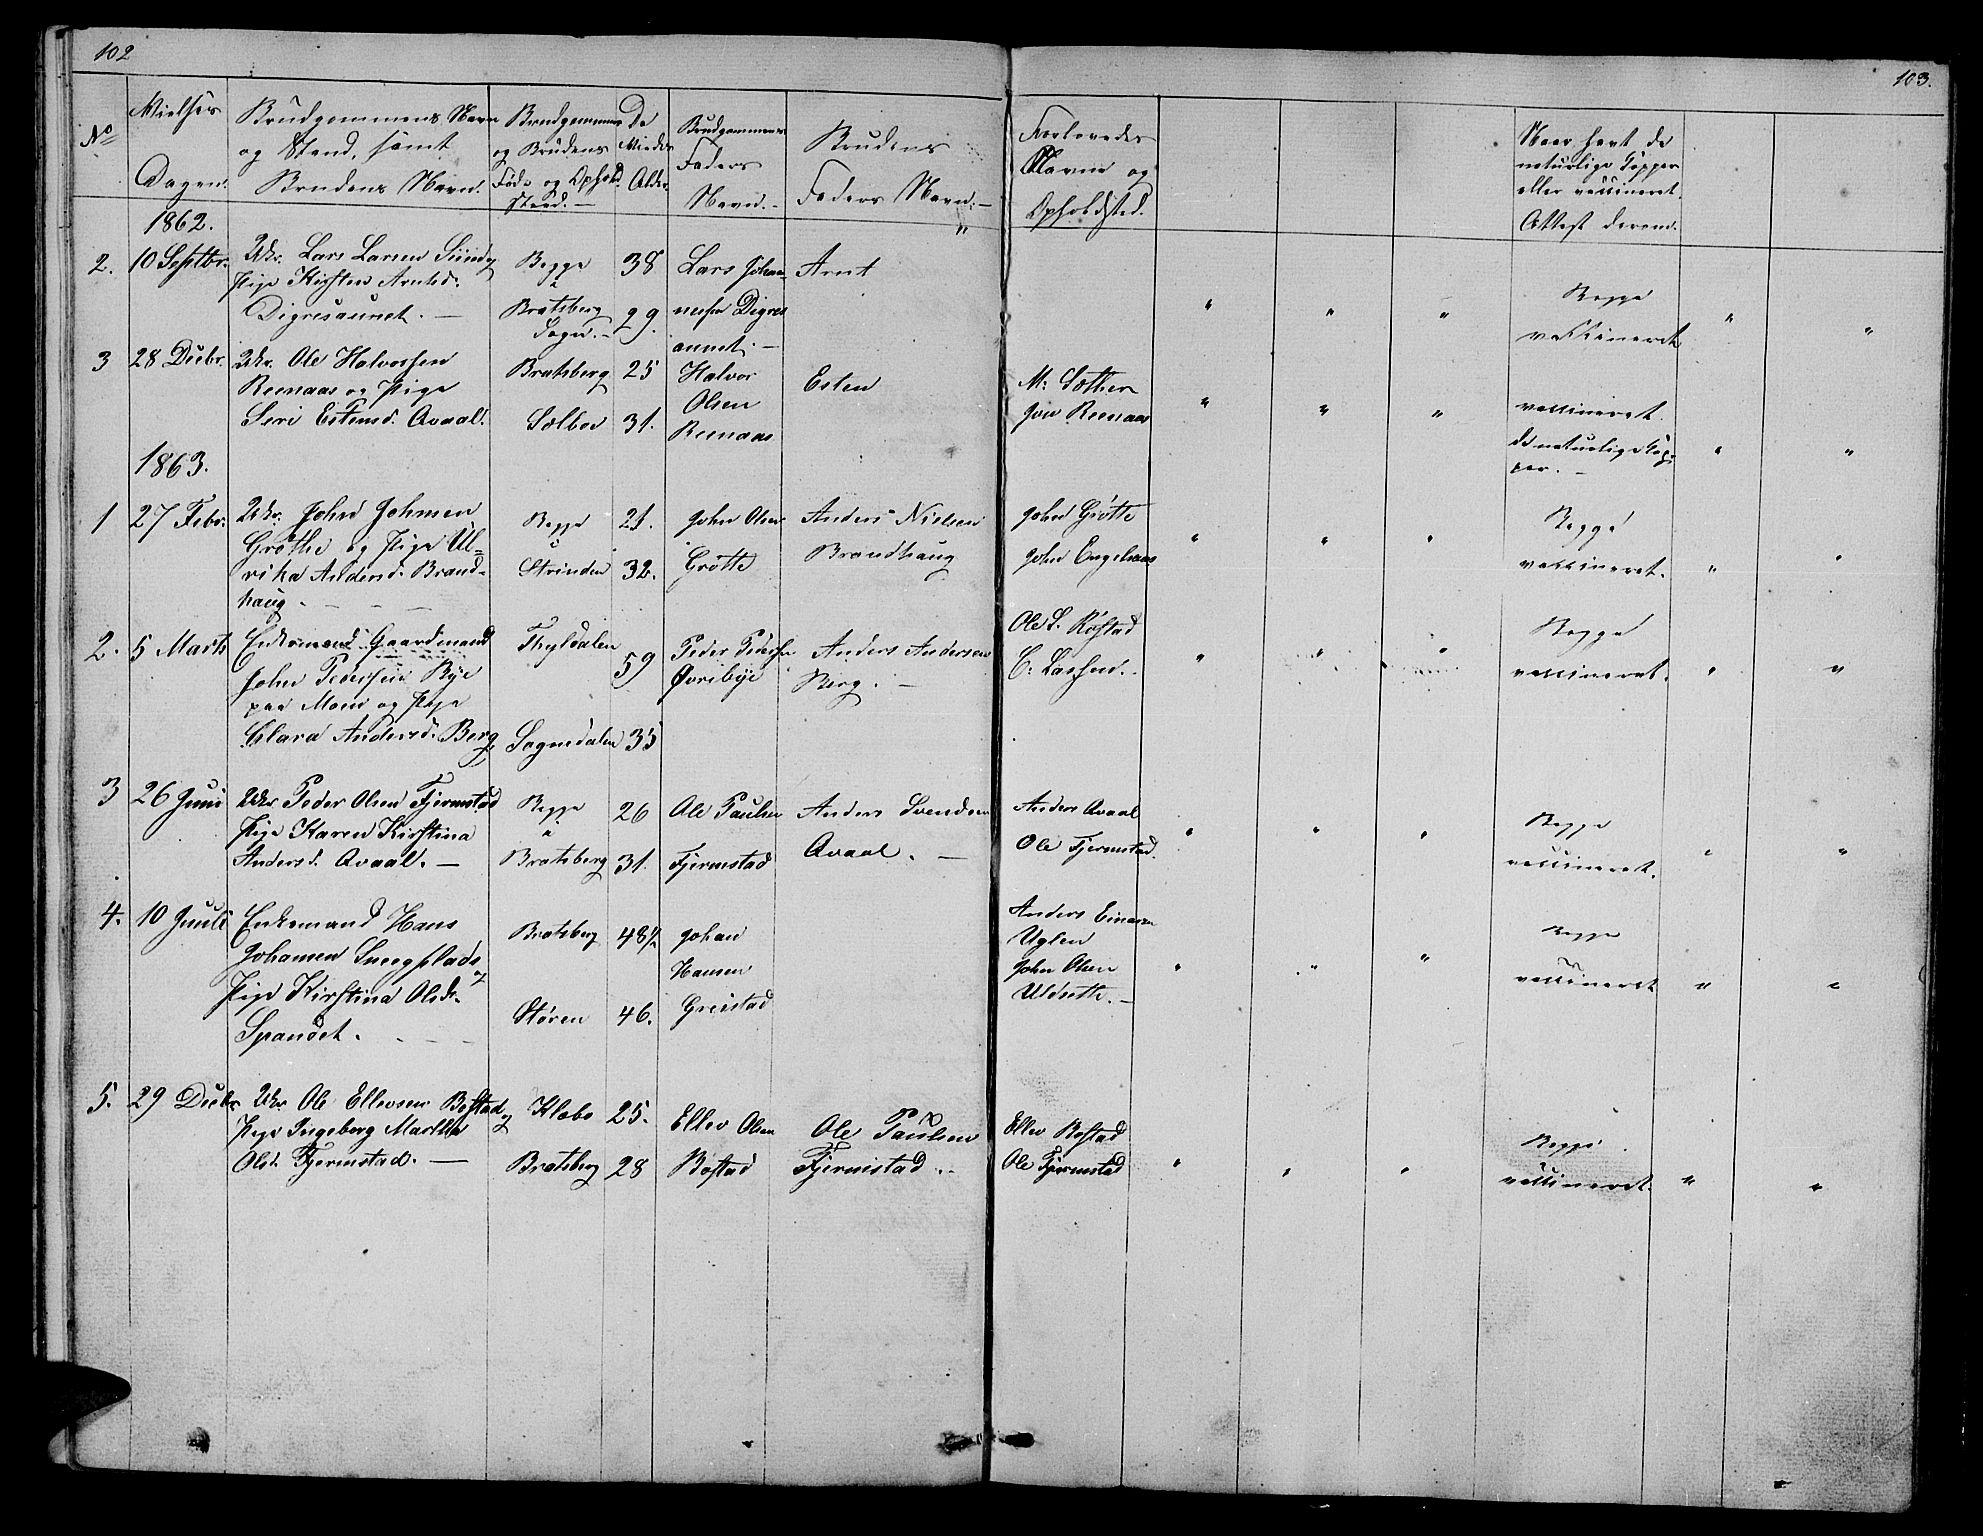 SAT, Ministerialprotokoller, klokkerbøker og fødselsregistre - Sør-Trøndelag, 608/L0339: Klokkerbok nr. 608C05, 1844-1863, s. 102-103